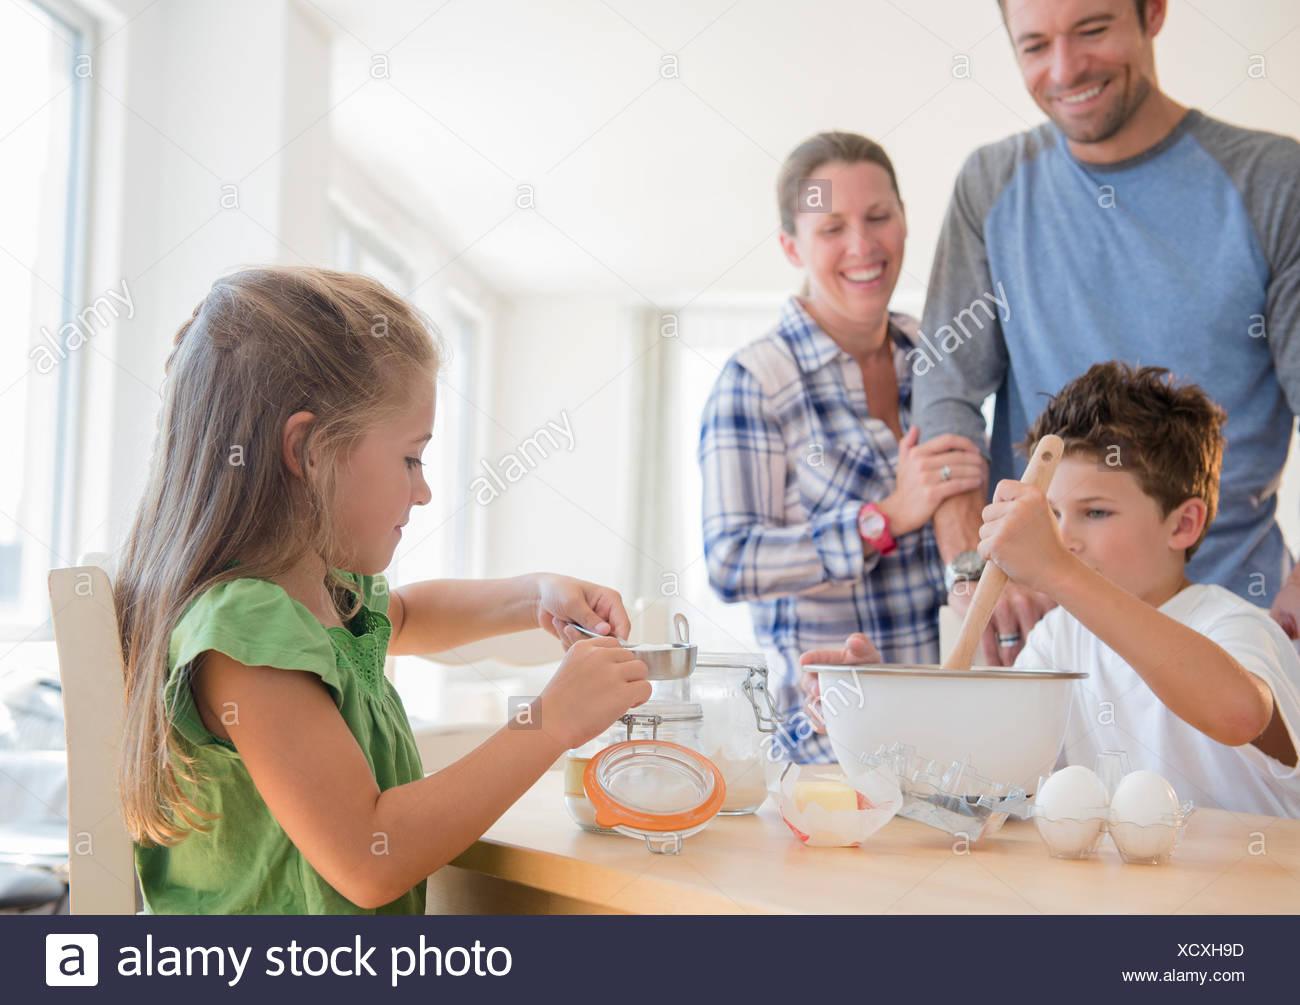 Famille avec deux enfants (6-7, 8-9) la préparation des aliments Photo Stock